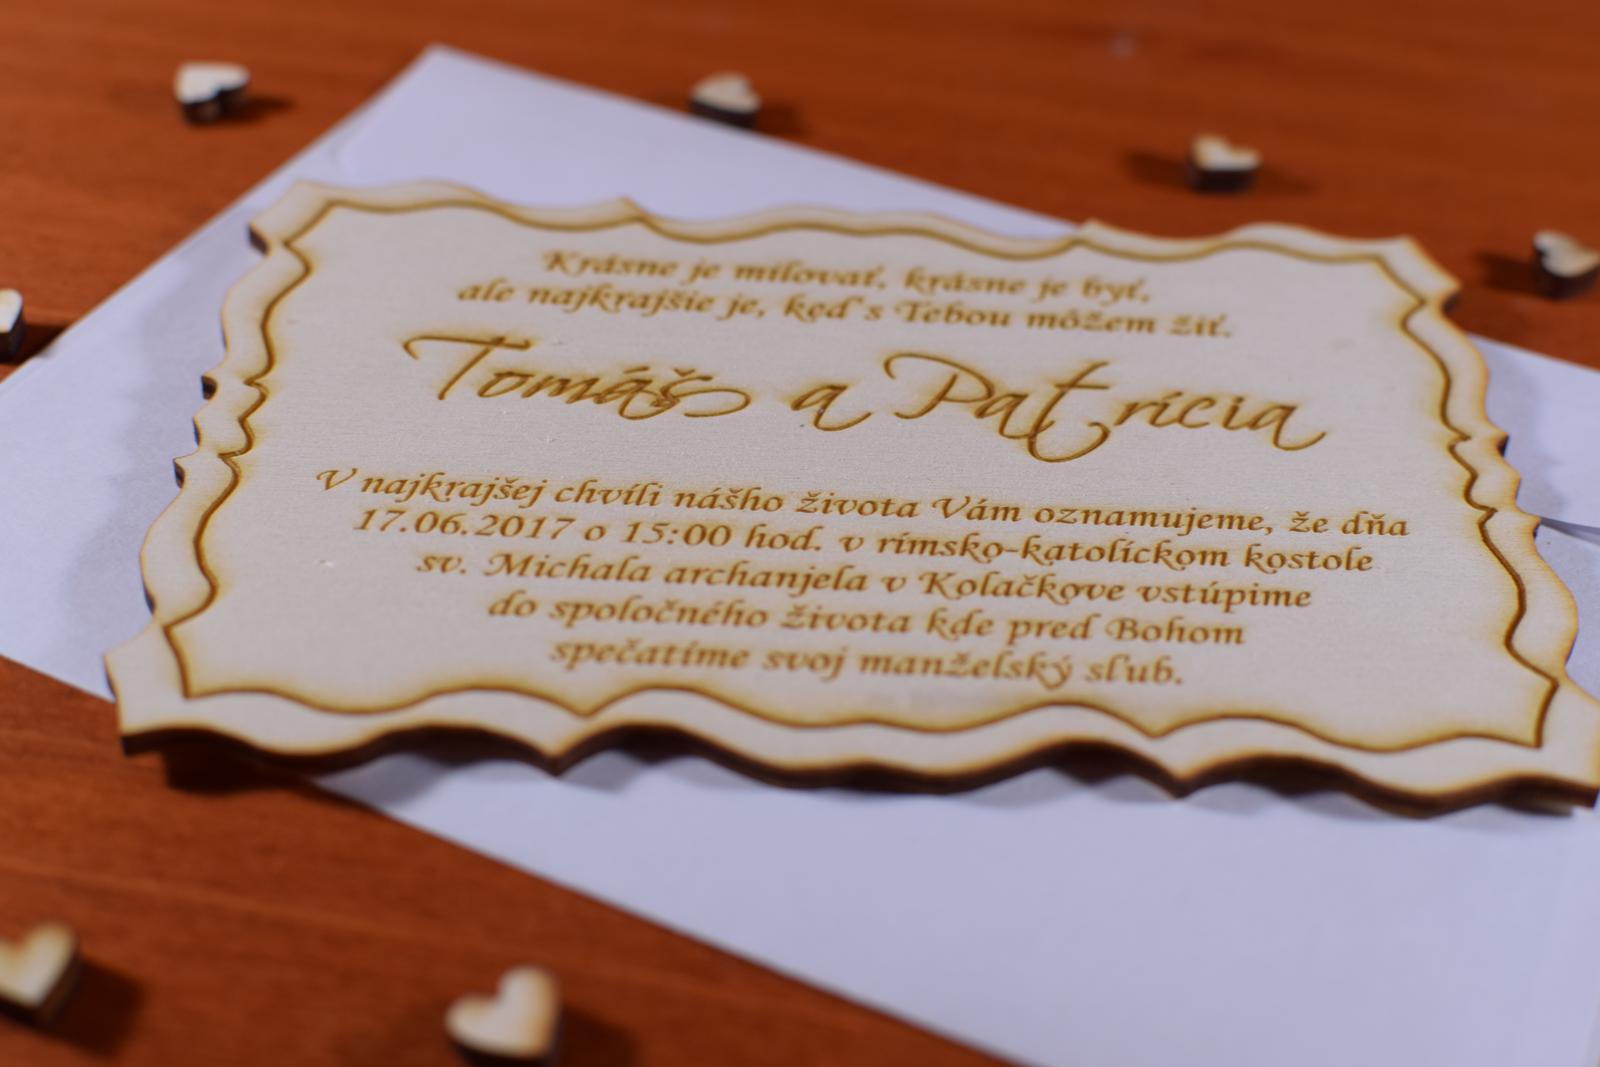 Svadobné oznamenie drevené gravírované 1 - Obrázok č. 2